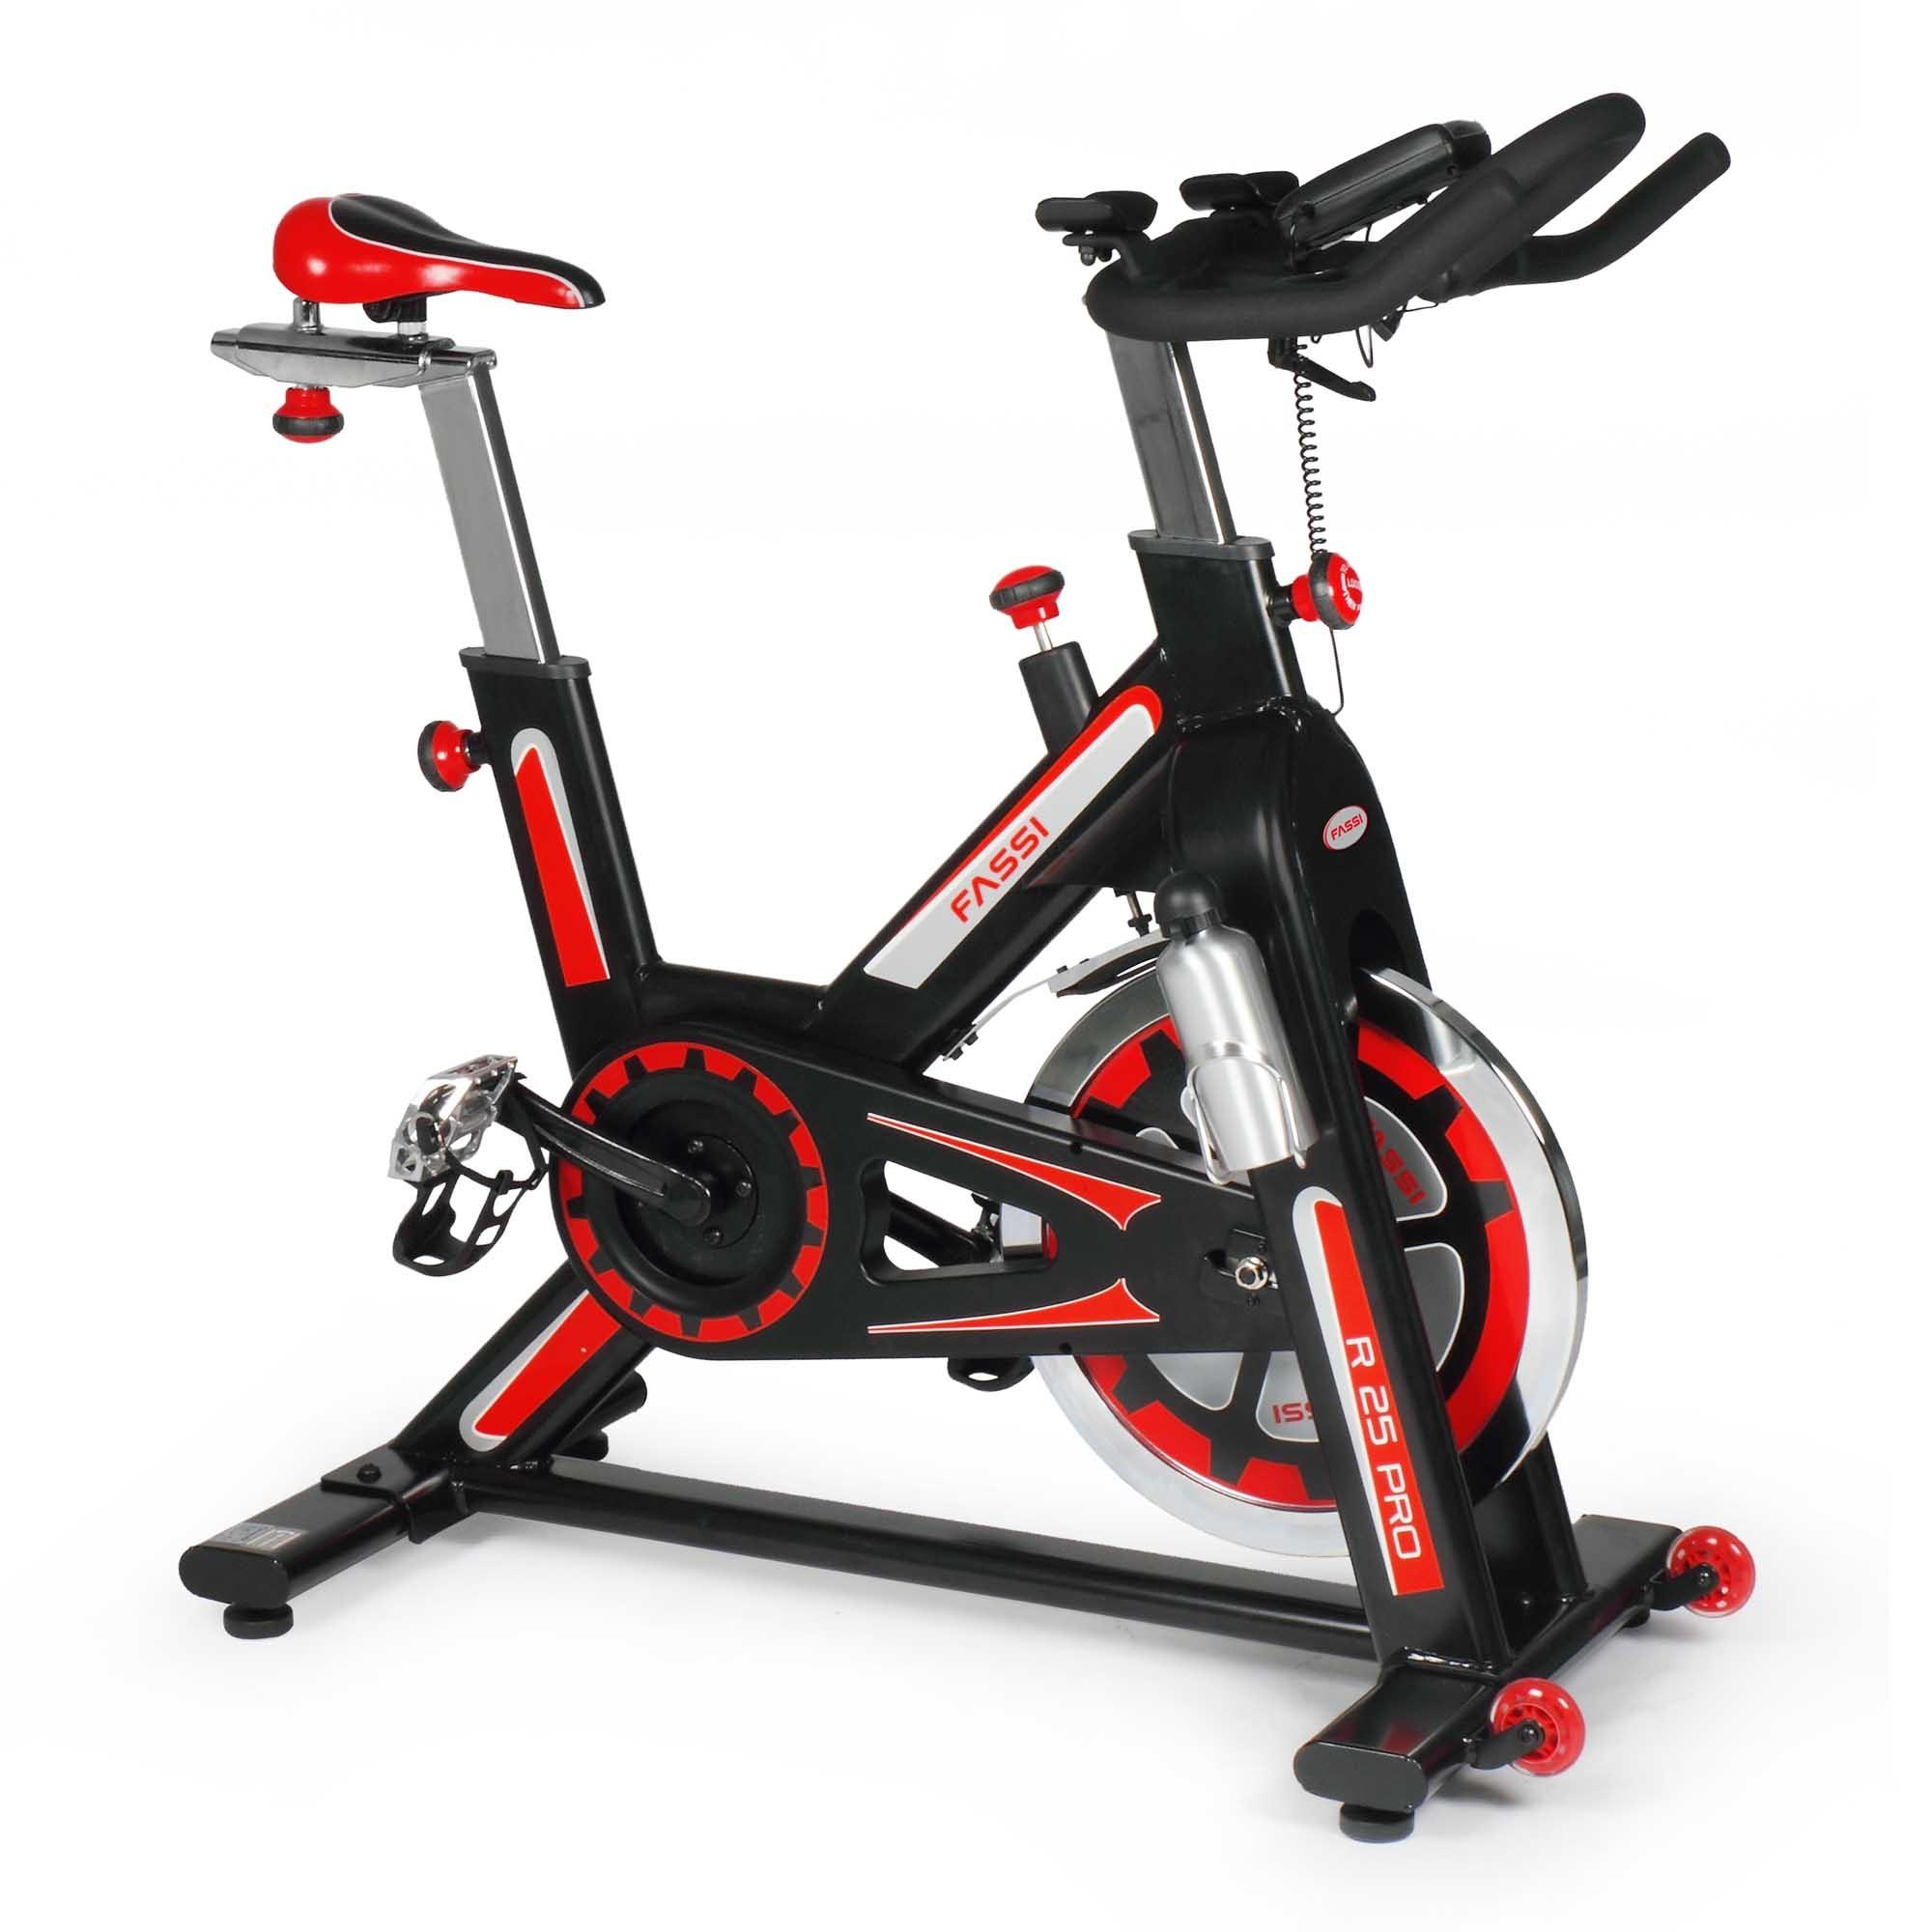 Fassi Fit Bike R 25 Pro Urban Sports